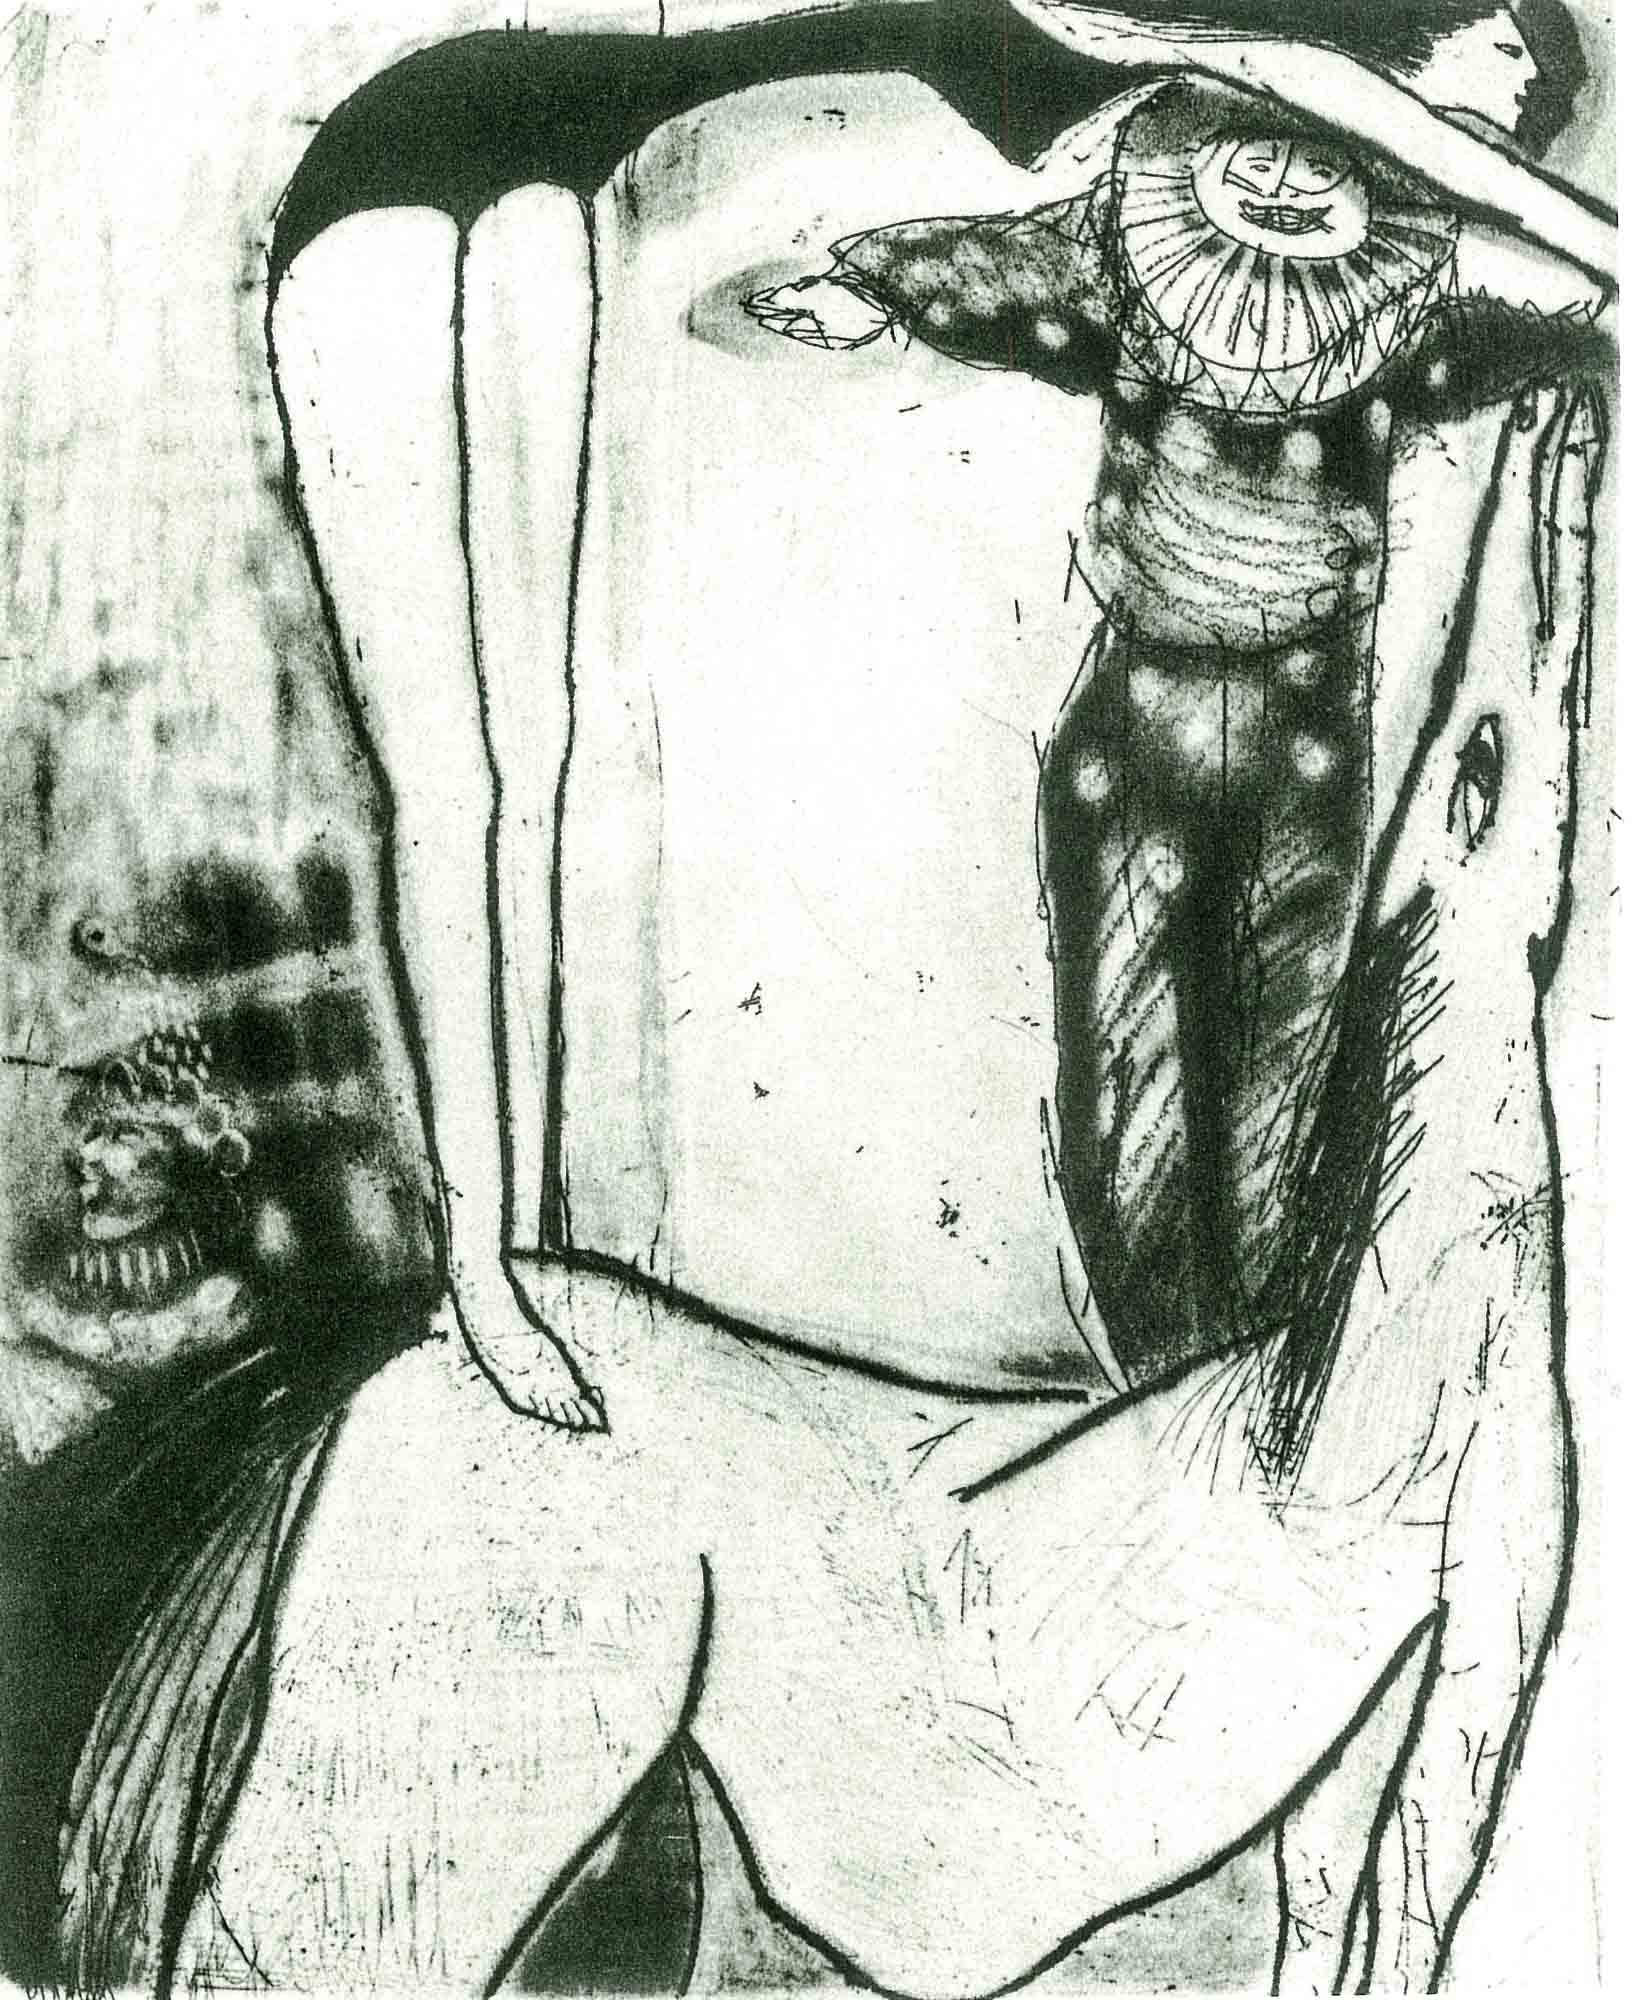 WilliamHeydt-Etching-028.jpg